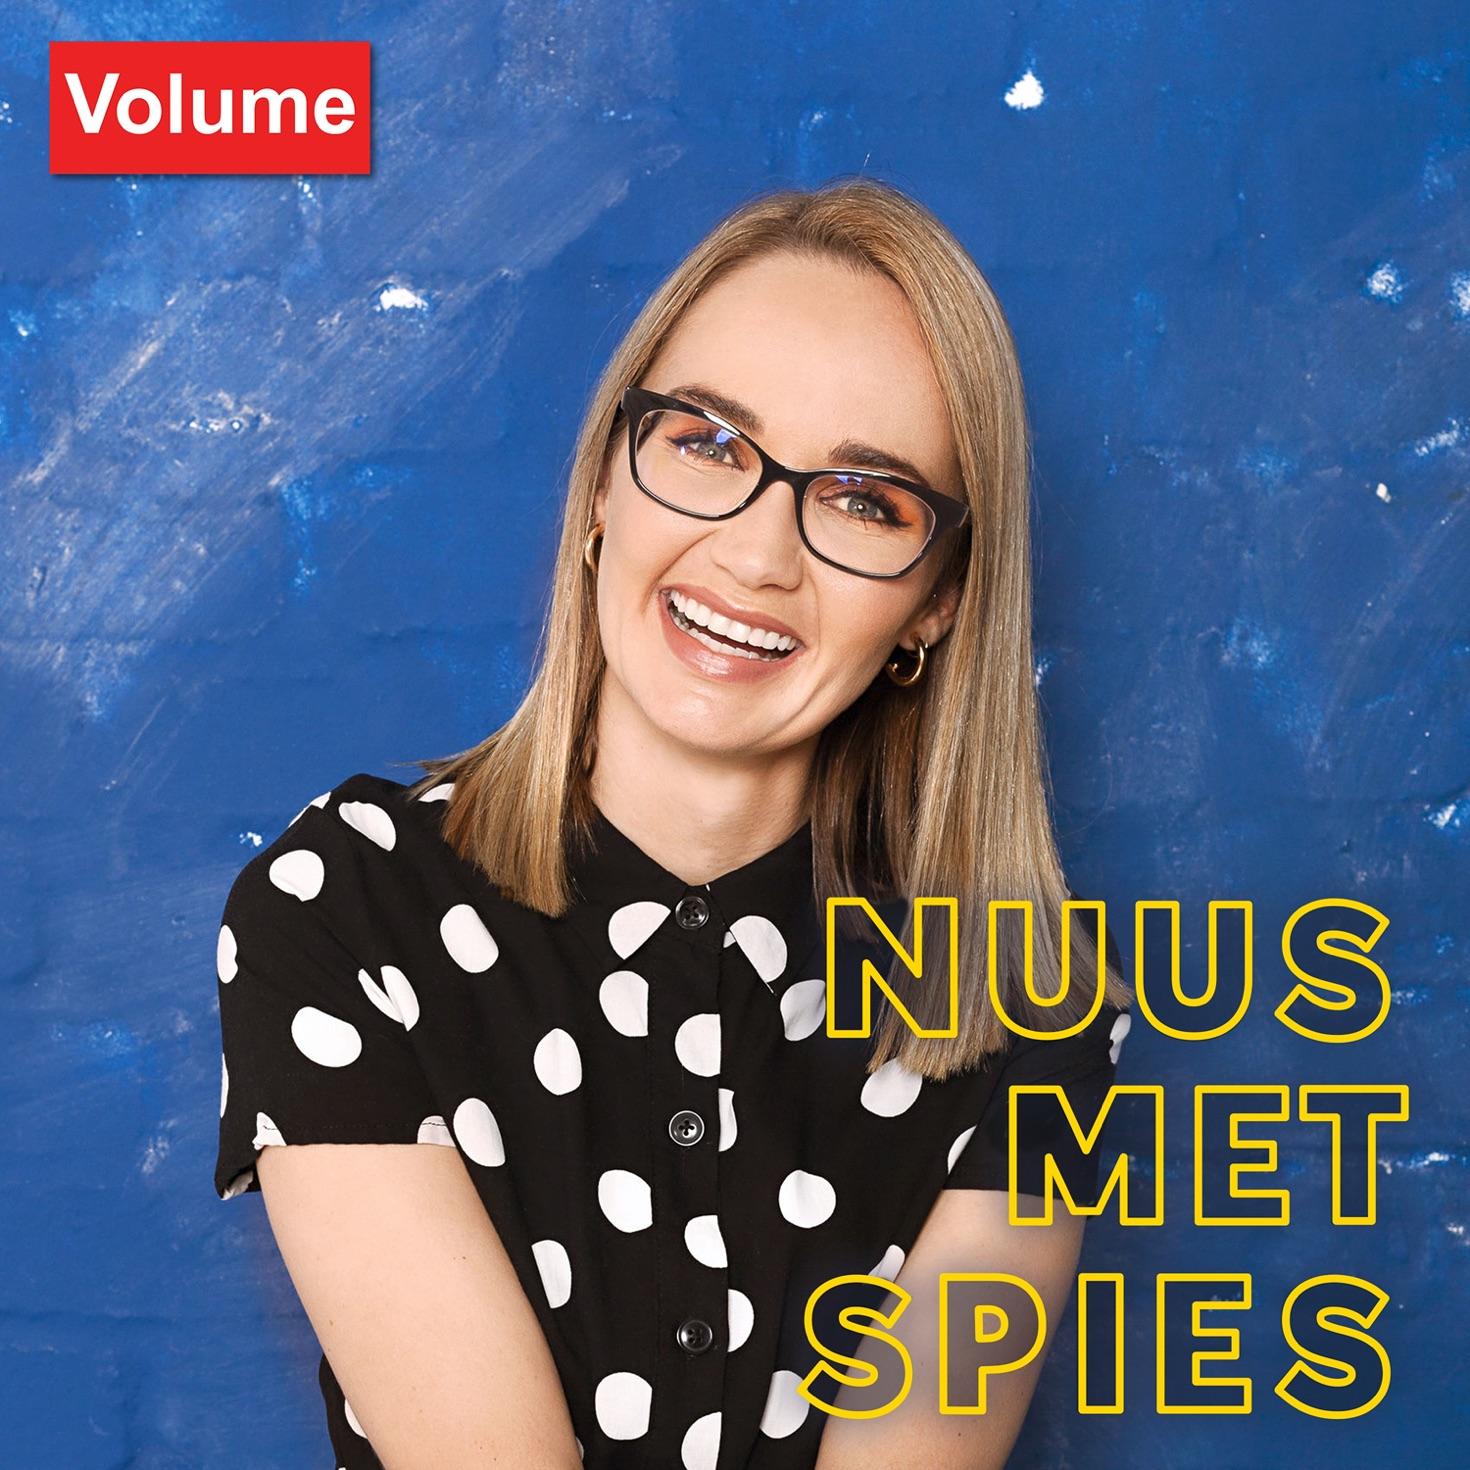 Show artwork for Nuus met Spies